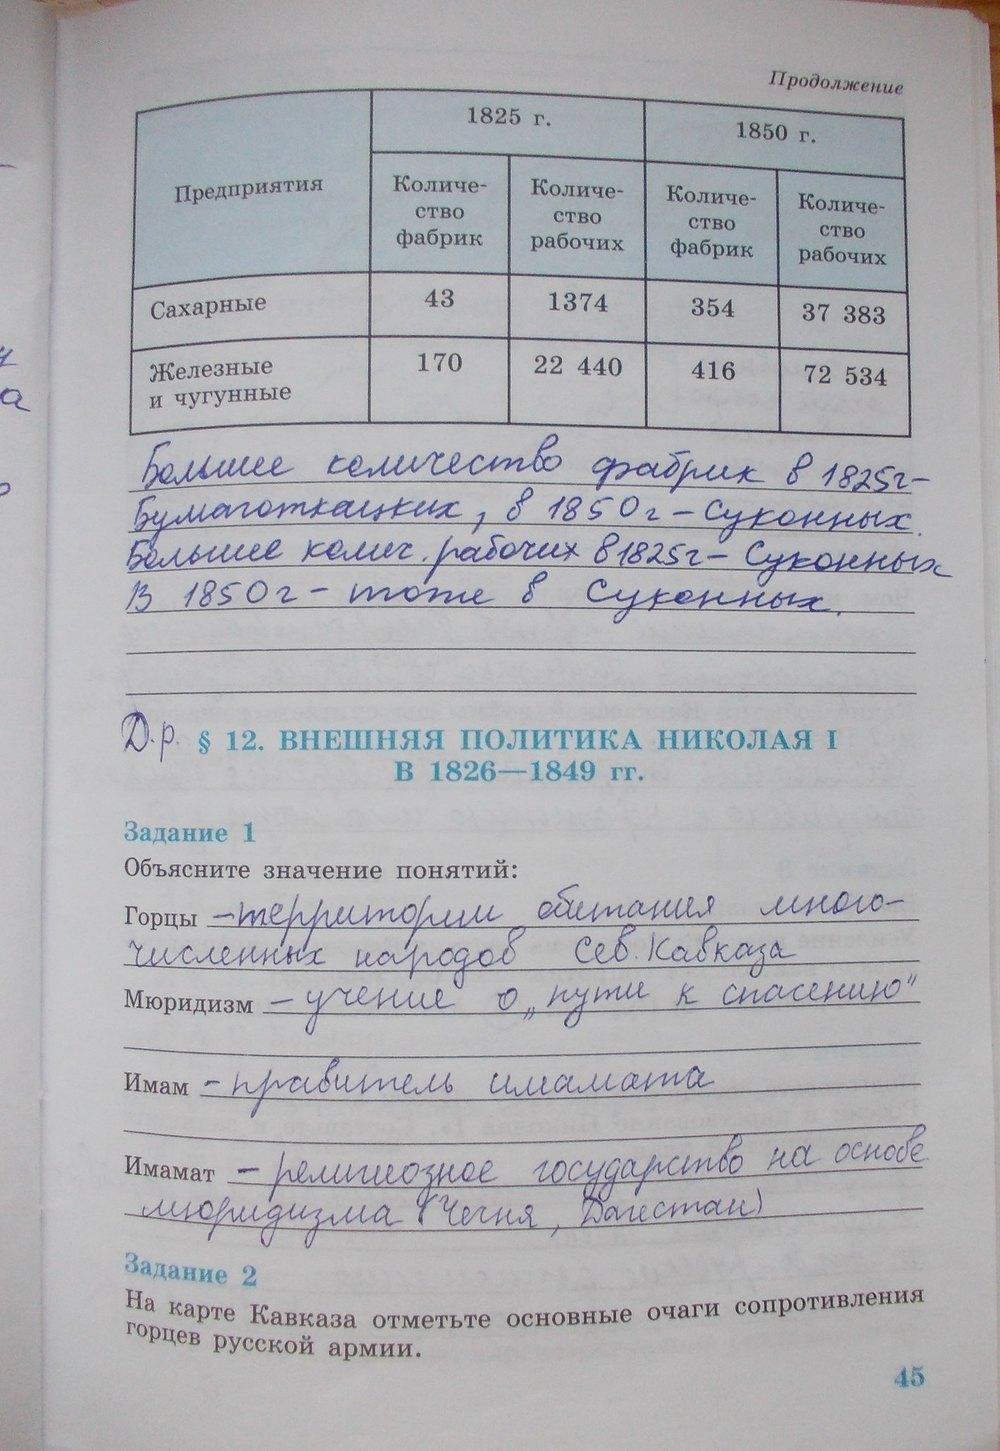 решебник по рабочей тетради истории россии 8 класса